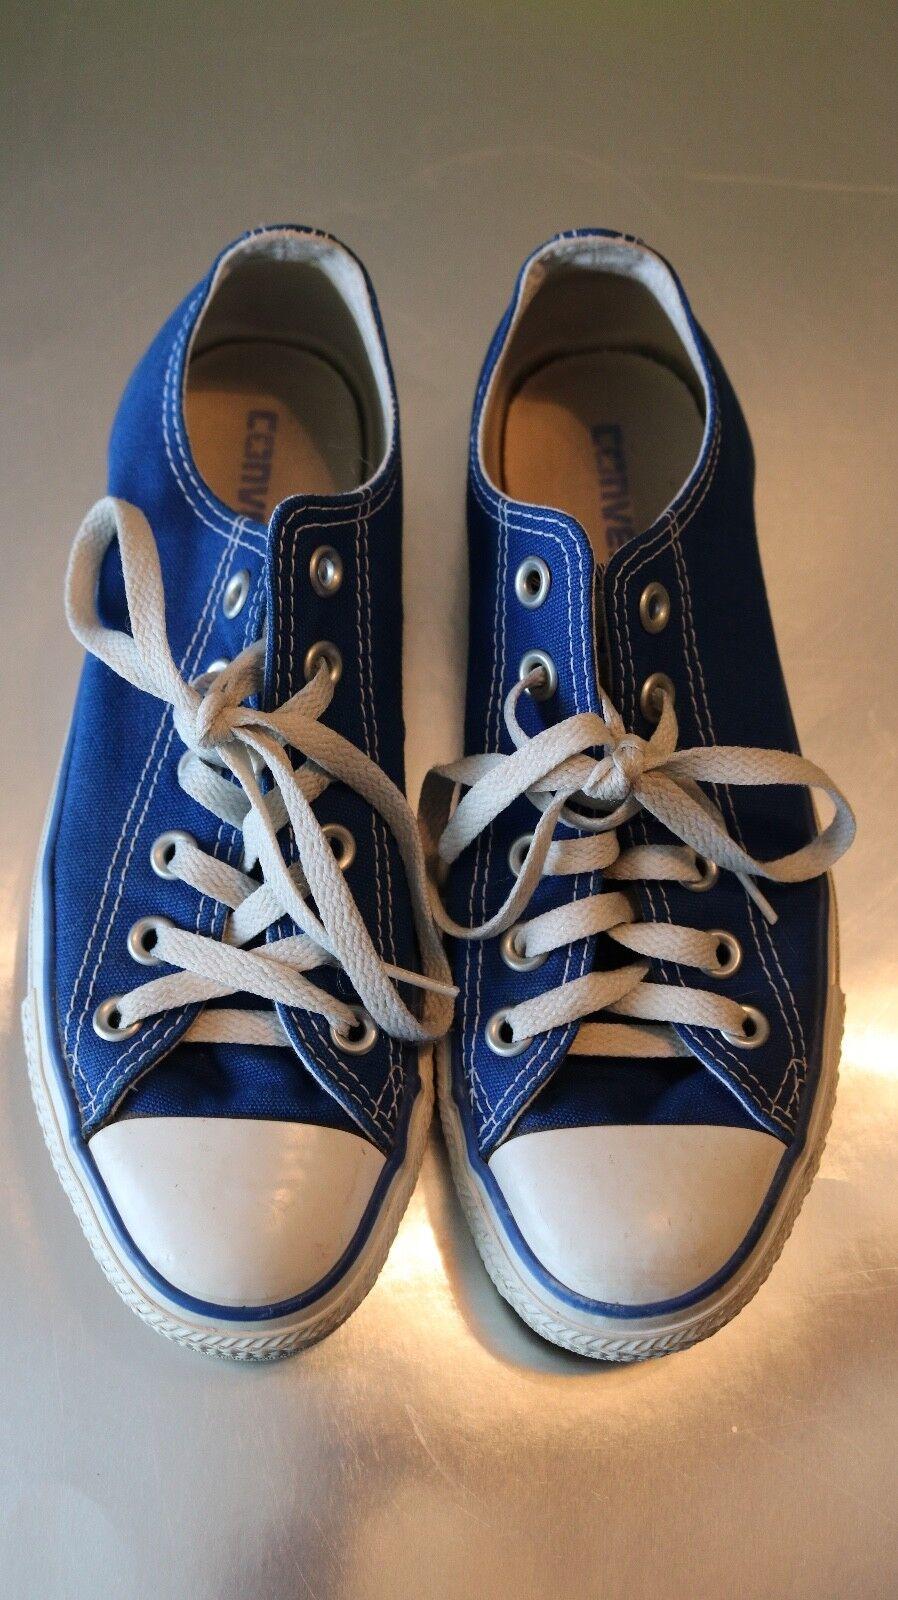 Vintage 90s Blau Converse with Matching Blau Trim Größe 5 (Very Light Wear)